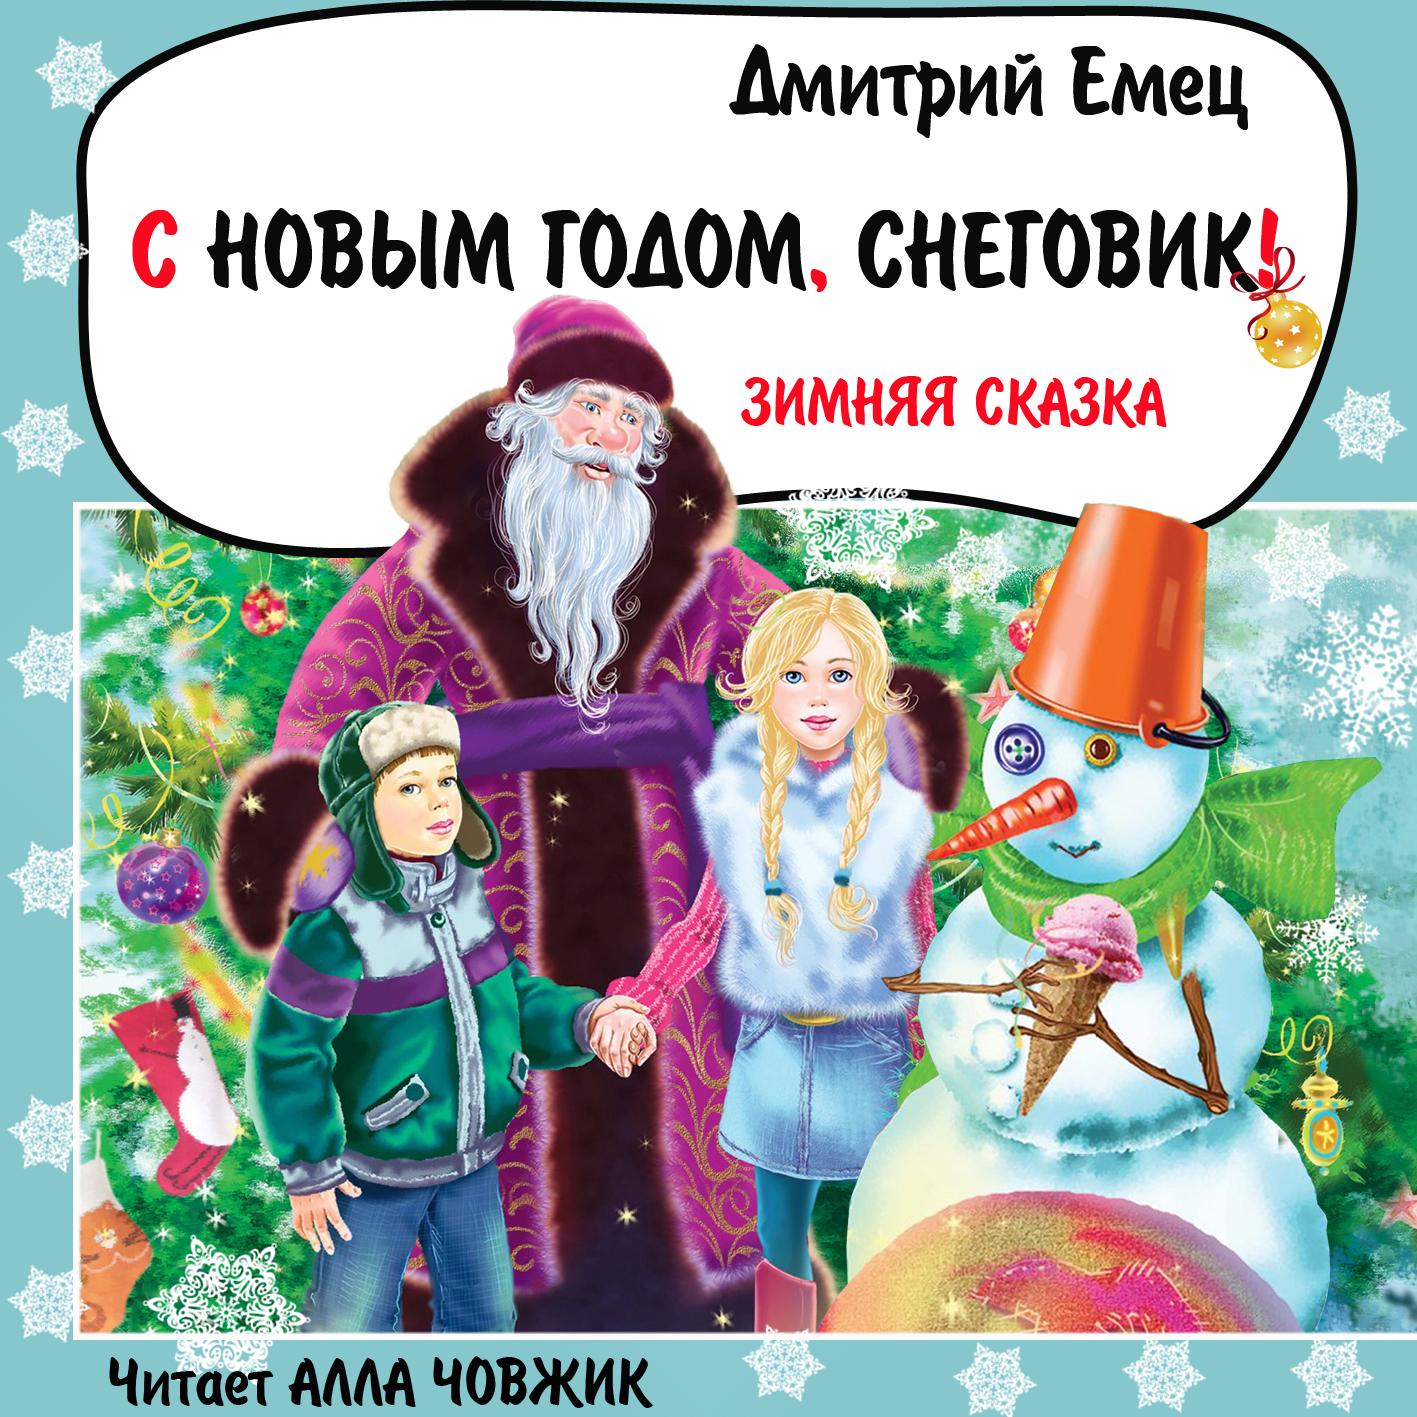 Дмитрий Емец С Новым годом, снеговик! анна емец линия мороза